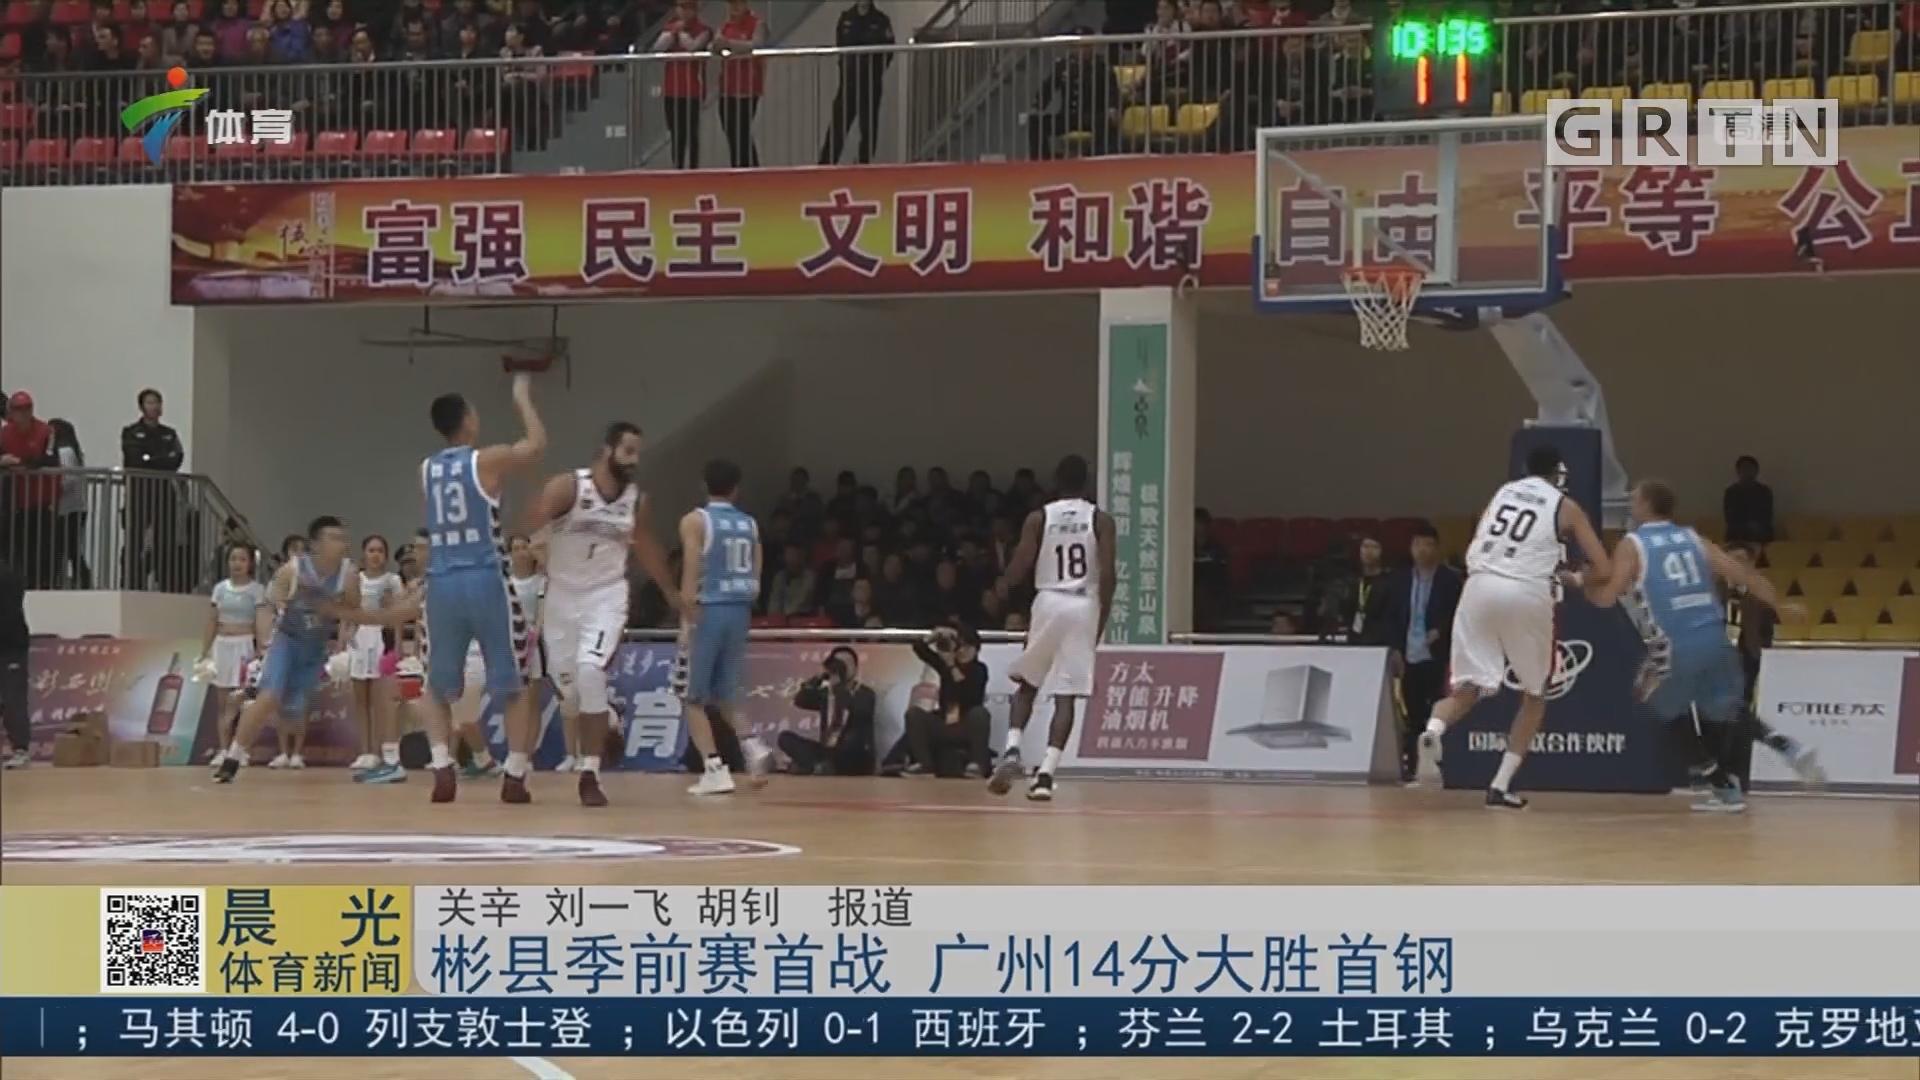 彬县季前赛首战 广州14分大胜首钢